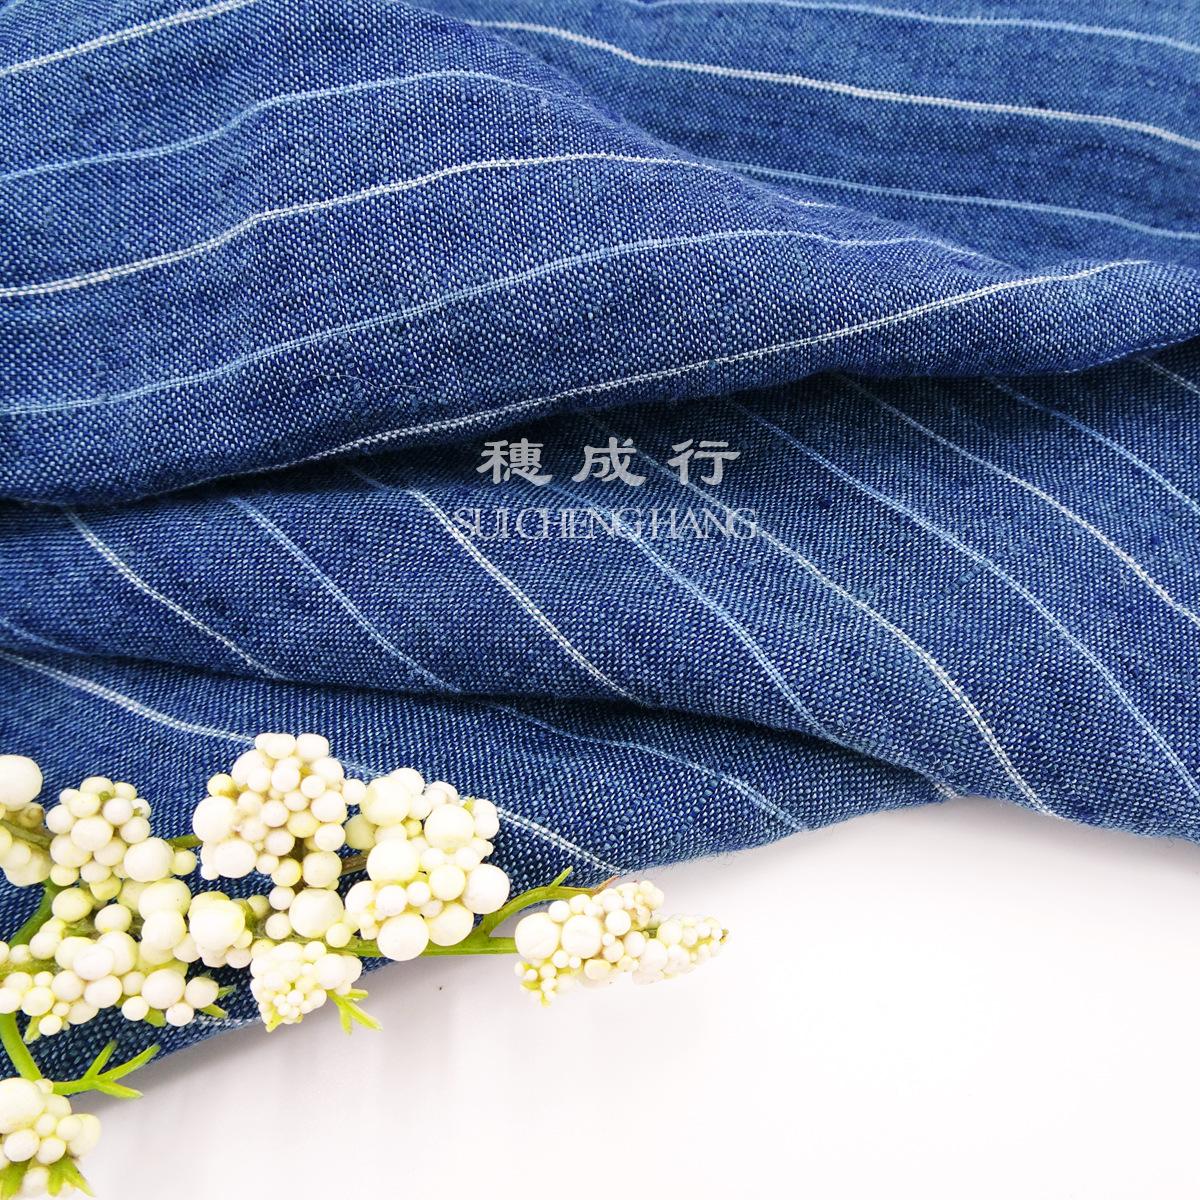 穗成行-ST5006# 亚麻色织条面料2019年新款上衣连衣裙衬衫面料